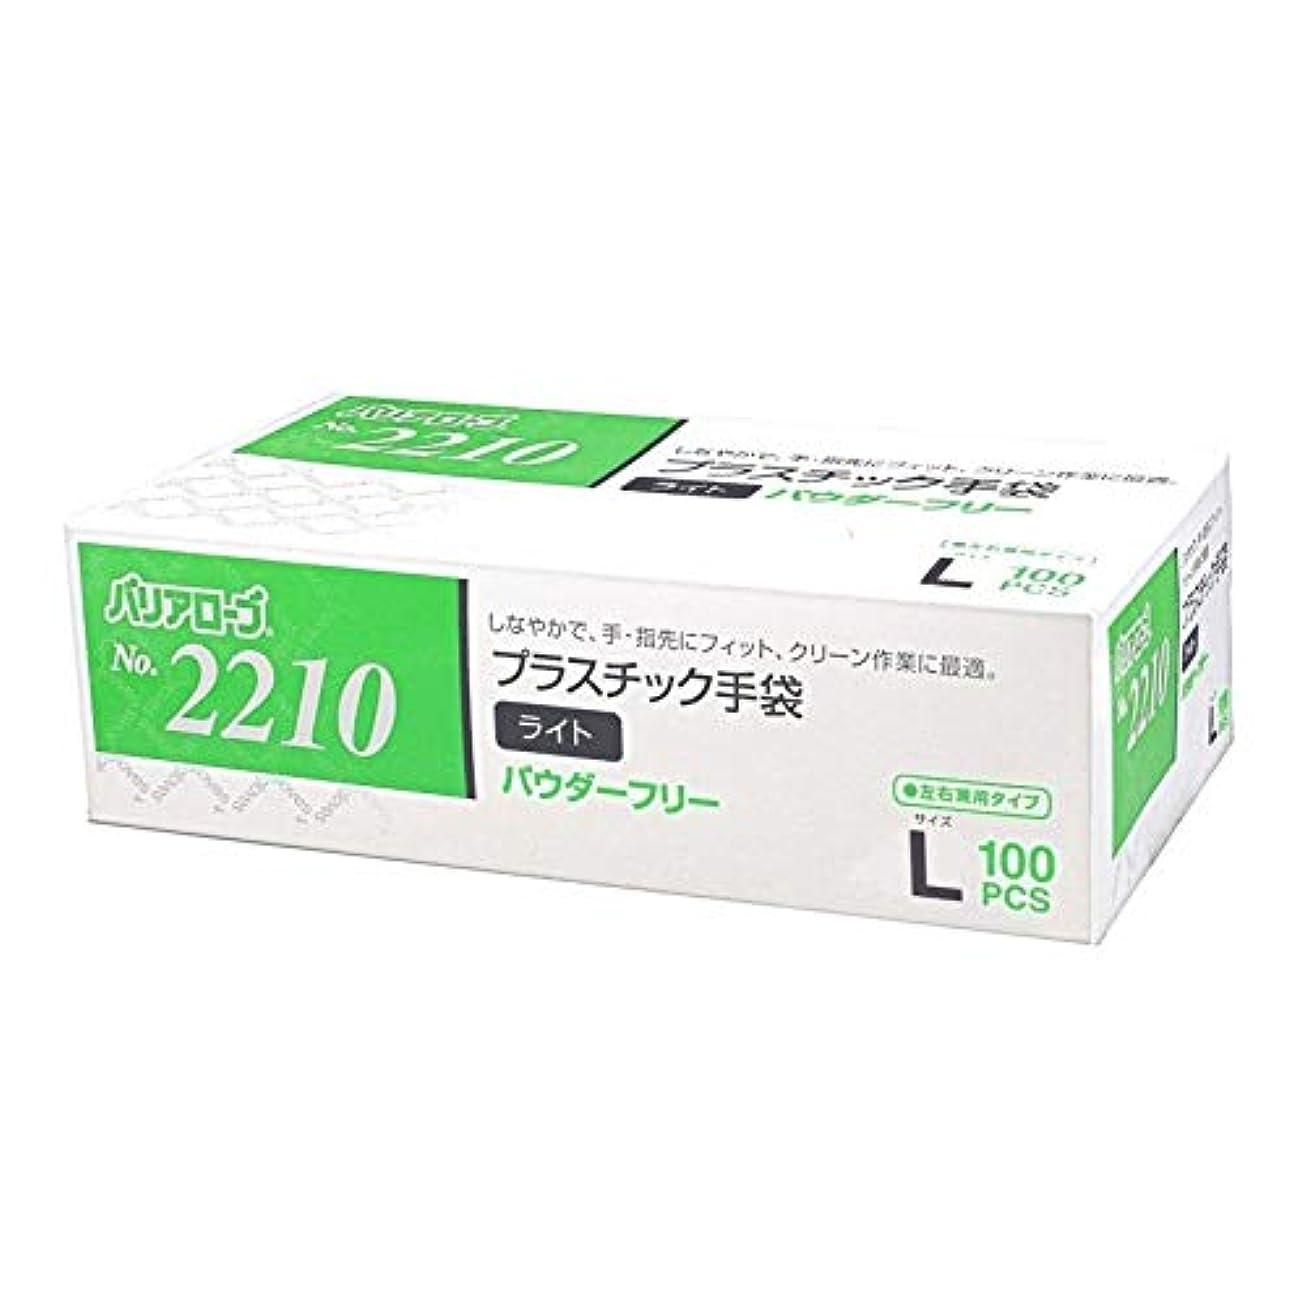 テーブルを設定する狂う類推【ケース販売】 バリアローブ №2210 プラスチック手袋 ライト (パウダーフリー) L 2000枚(100枚×20箱)